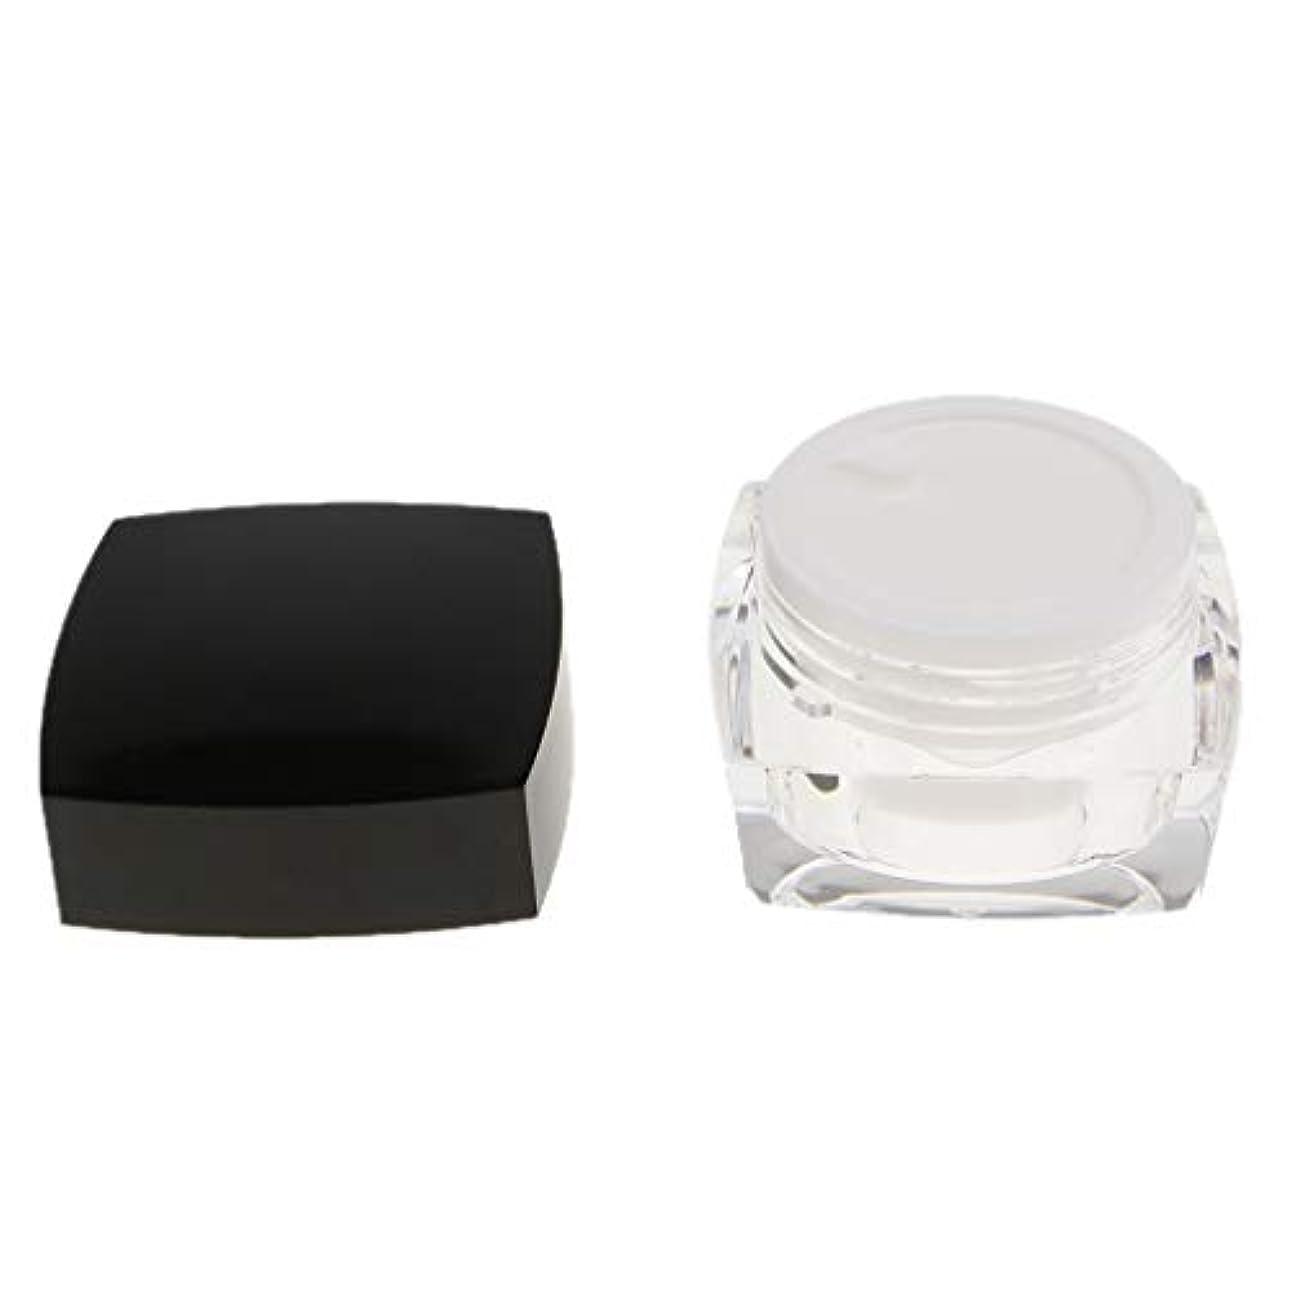 立派な地平線地理化粧品容器 プロ 容器 メイクアップ クリームジャー 瓶 小分けツール 2サイズ選べ - 30g